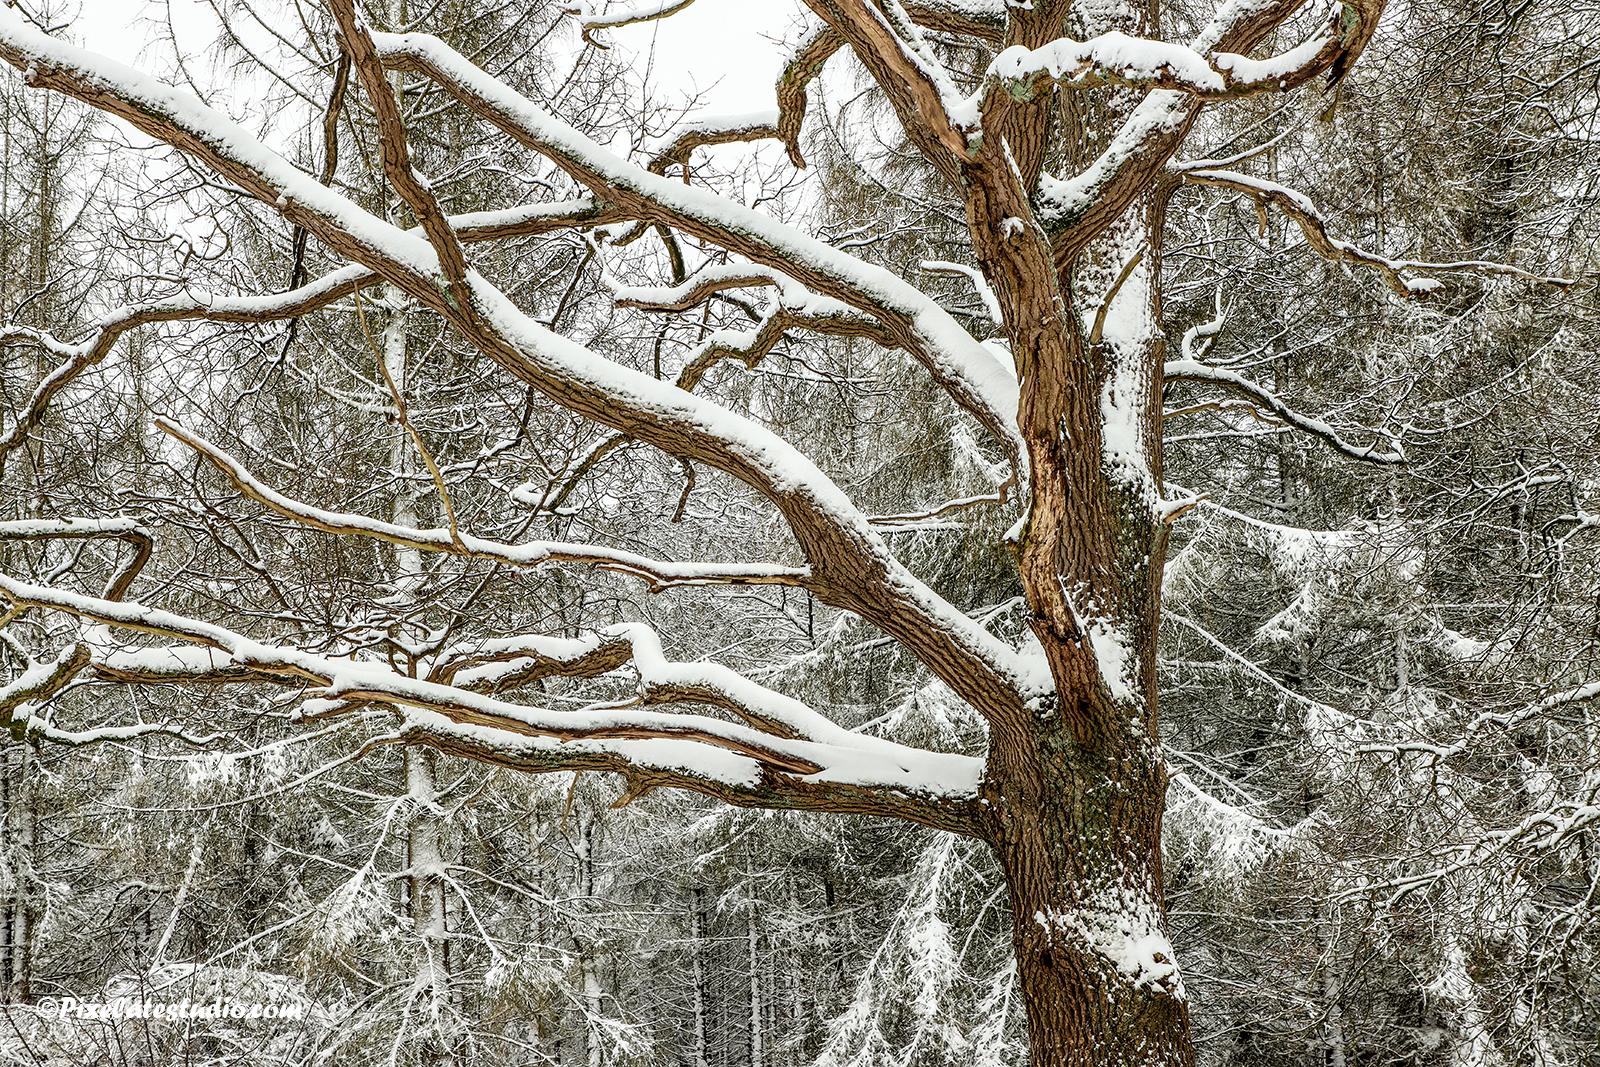 mooie close up foto van takken met sneeuw in het bos gemaakt